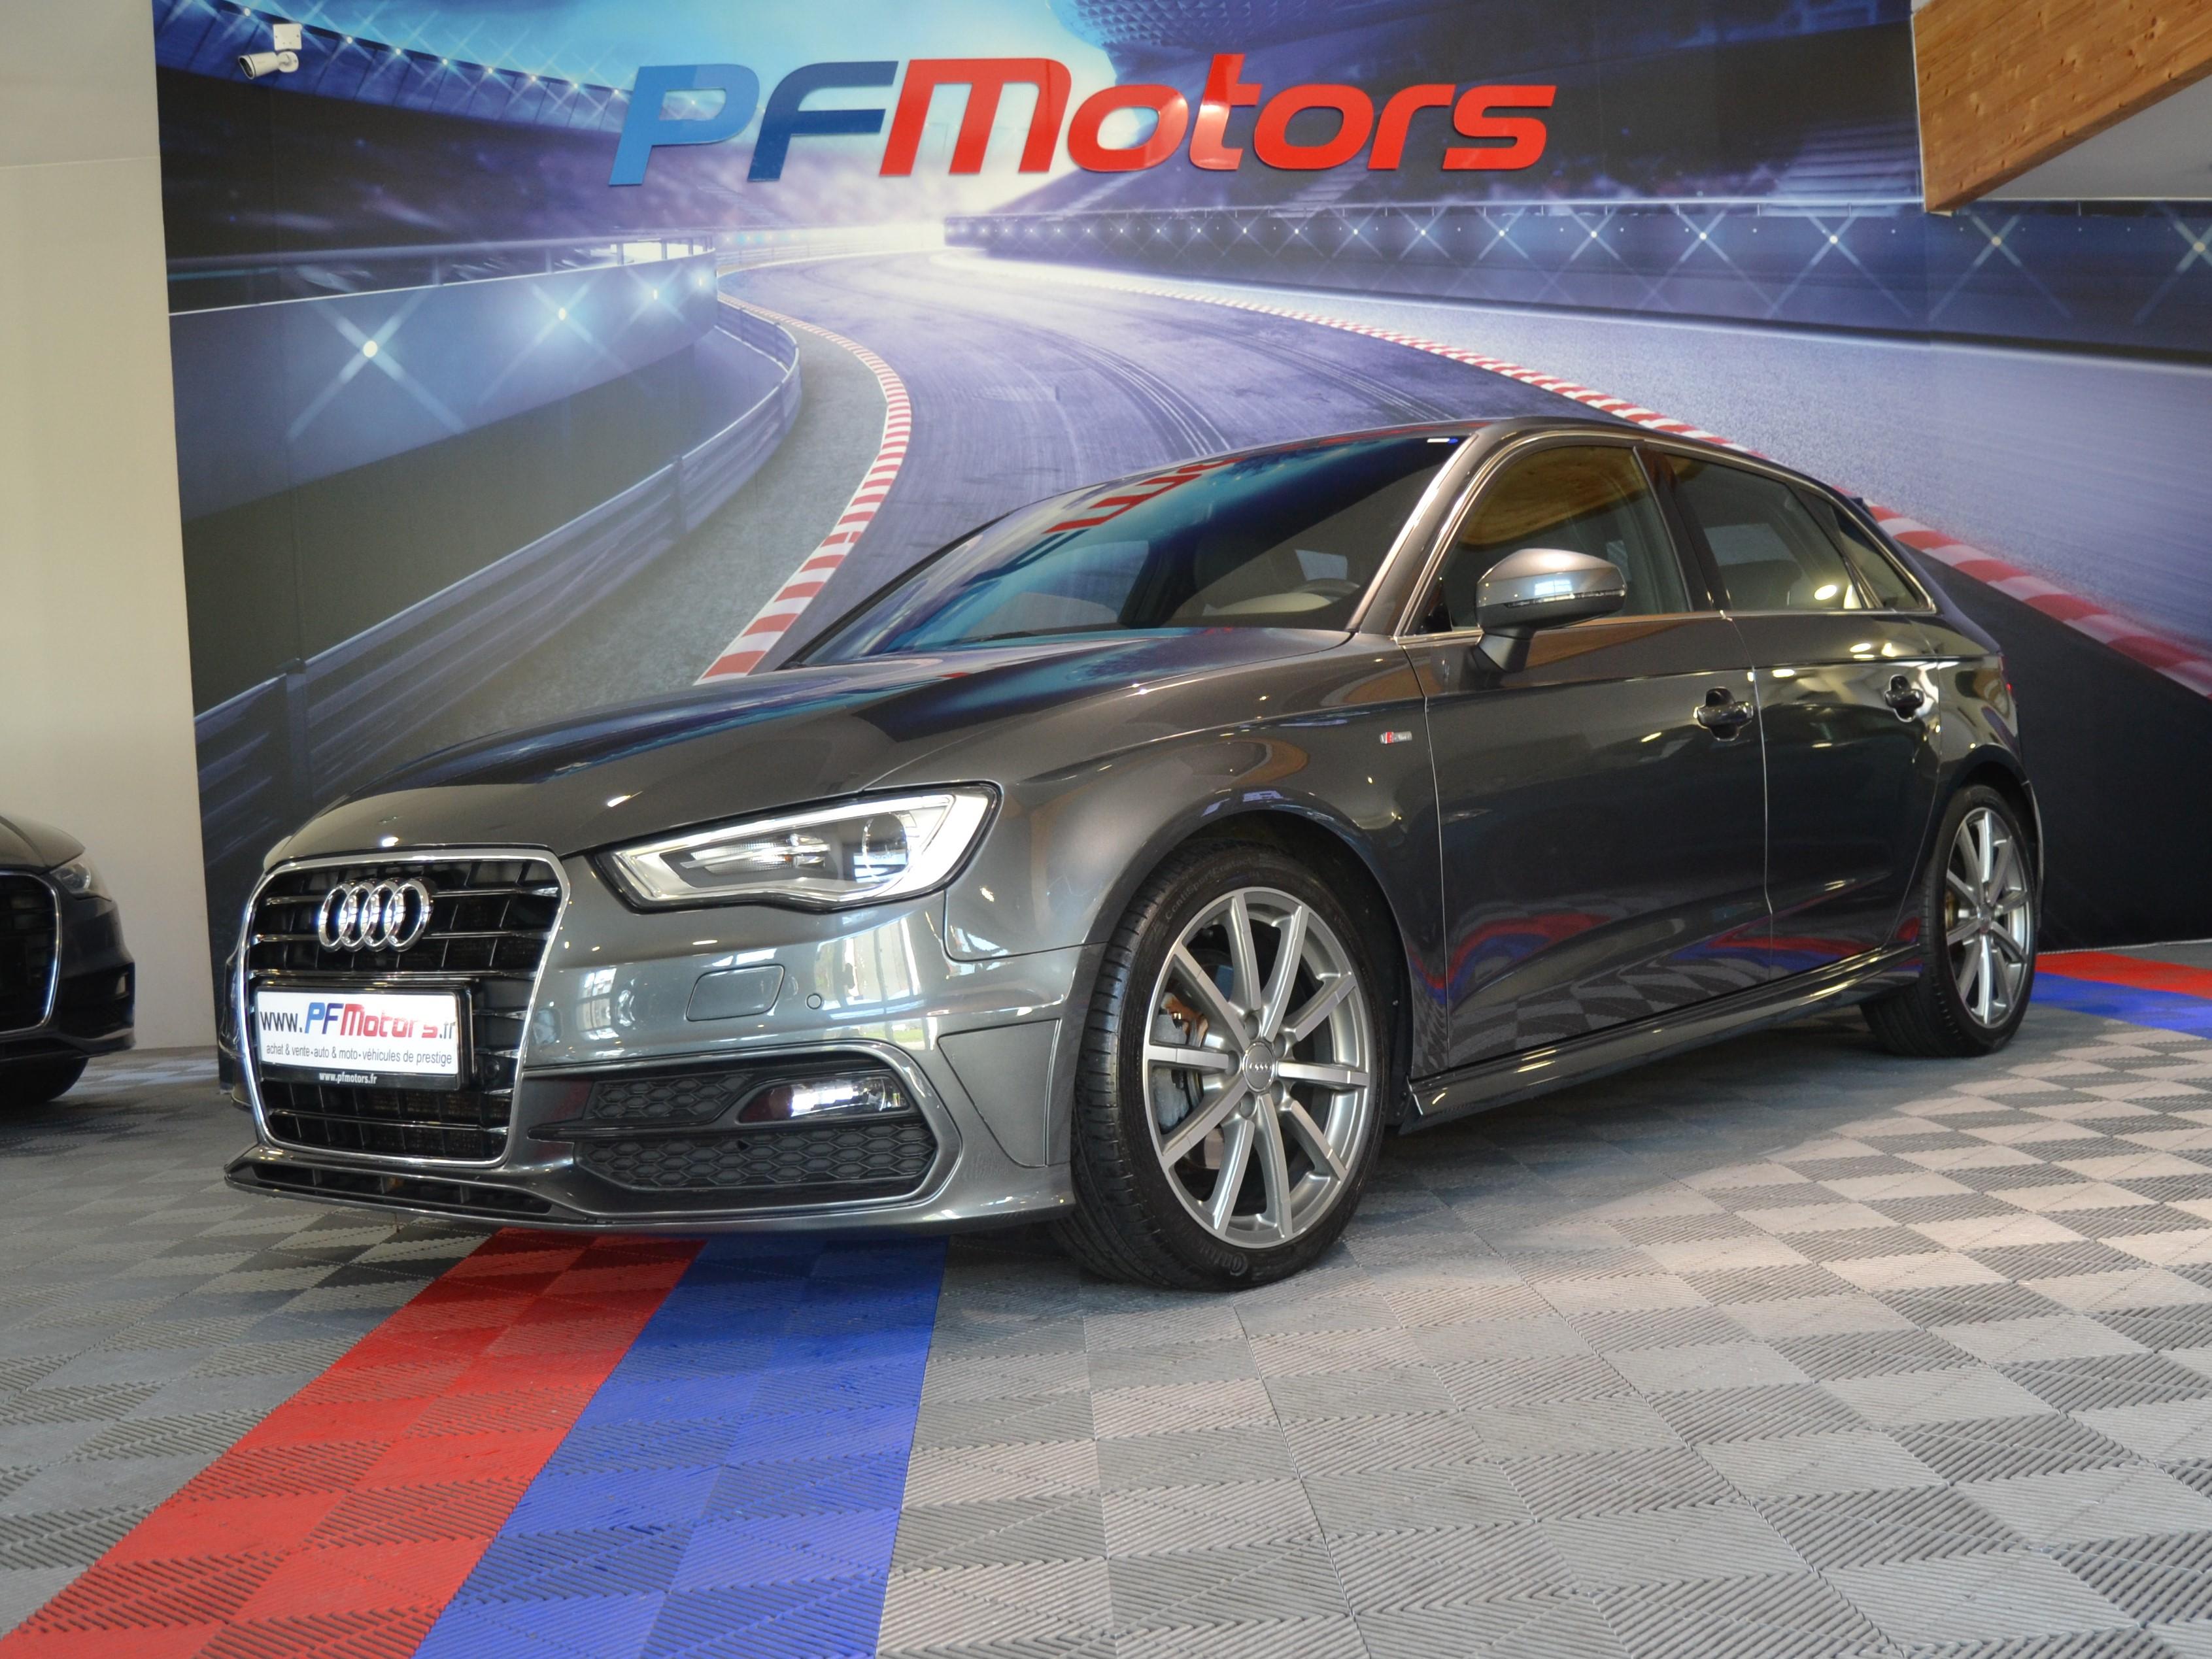 Audi A3 Sportback S Line 2 0 Tdi 150 S Tronic Pf Motors